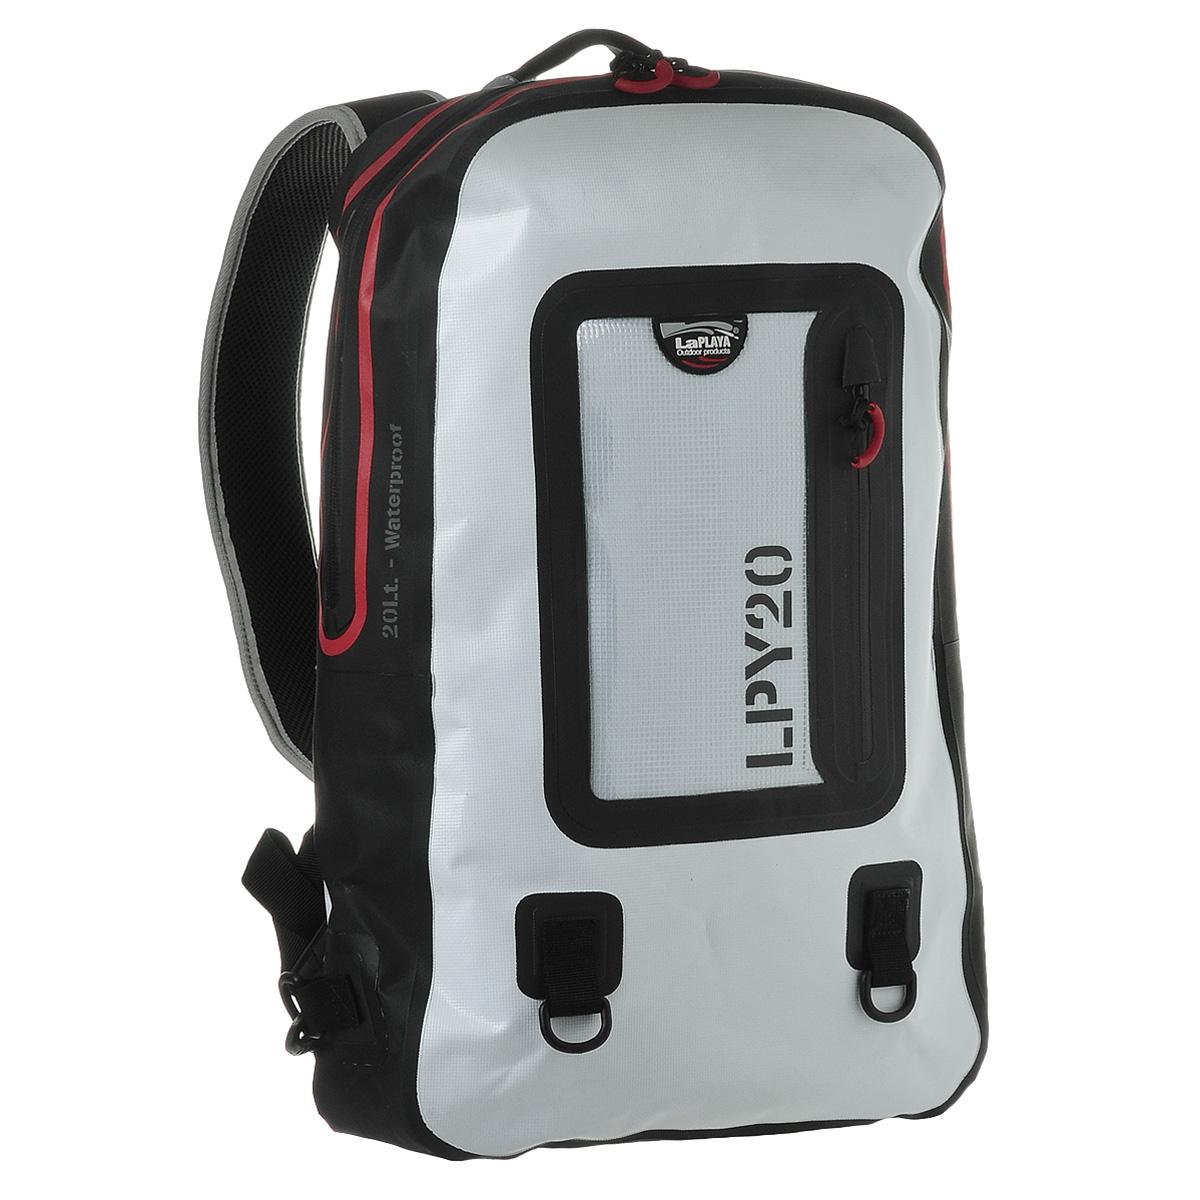 Рюкзак водонепроницаемый LaPlaya, цвет: белый, 20 л800802Водонепроницаемый рюкзак LaPlaya - незаменимая вещь для любителей туристических походов, кемпингов и отдыха на природе. Рюкзак выполнен из ПВХ (брезент + сетка). Метод термосварки швов обеспечивает 100% герметичность. Рюкзак закрывается на водонепроницаемую молнию, которая не позволит воде проникнуть внутрь. Внутри содержится съемное противоударное отделение для ноутбука или планшета с карманом на молнии на передней стенке, а также вшитый карман на молнии и 2 сетчатых кармашка. С лицевой стороны рюкзака расположен прозрачный карман, также с водонепроницаемой молнией, очень удобный для хранения документов, билетов и других бумаг. Рюкзак компактный, практичный и очень удобный, он снабжен мягкой спинкой, плечевыми ремнями регулируемой длины и дополнительными съемными креплениями. Также имеется два кольцами для крепления аксессуаров на карабинах. Такой рюкзак - просто находка для экстремалов и любителей проводить много времени на открытом воздухе. LaPlaya DRY BAG -это функциональный и минималистичный дизайн, прочный материал и высокое качество технологии производства. Это все, что необходимо для выбора идеального партнера в вопросе экипировки для активного отдыха, открытых спортивных мероприятий и настоящих приключений, не зависящих от погодных условий.